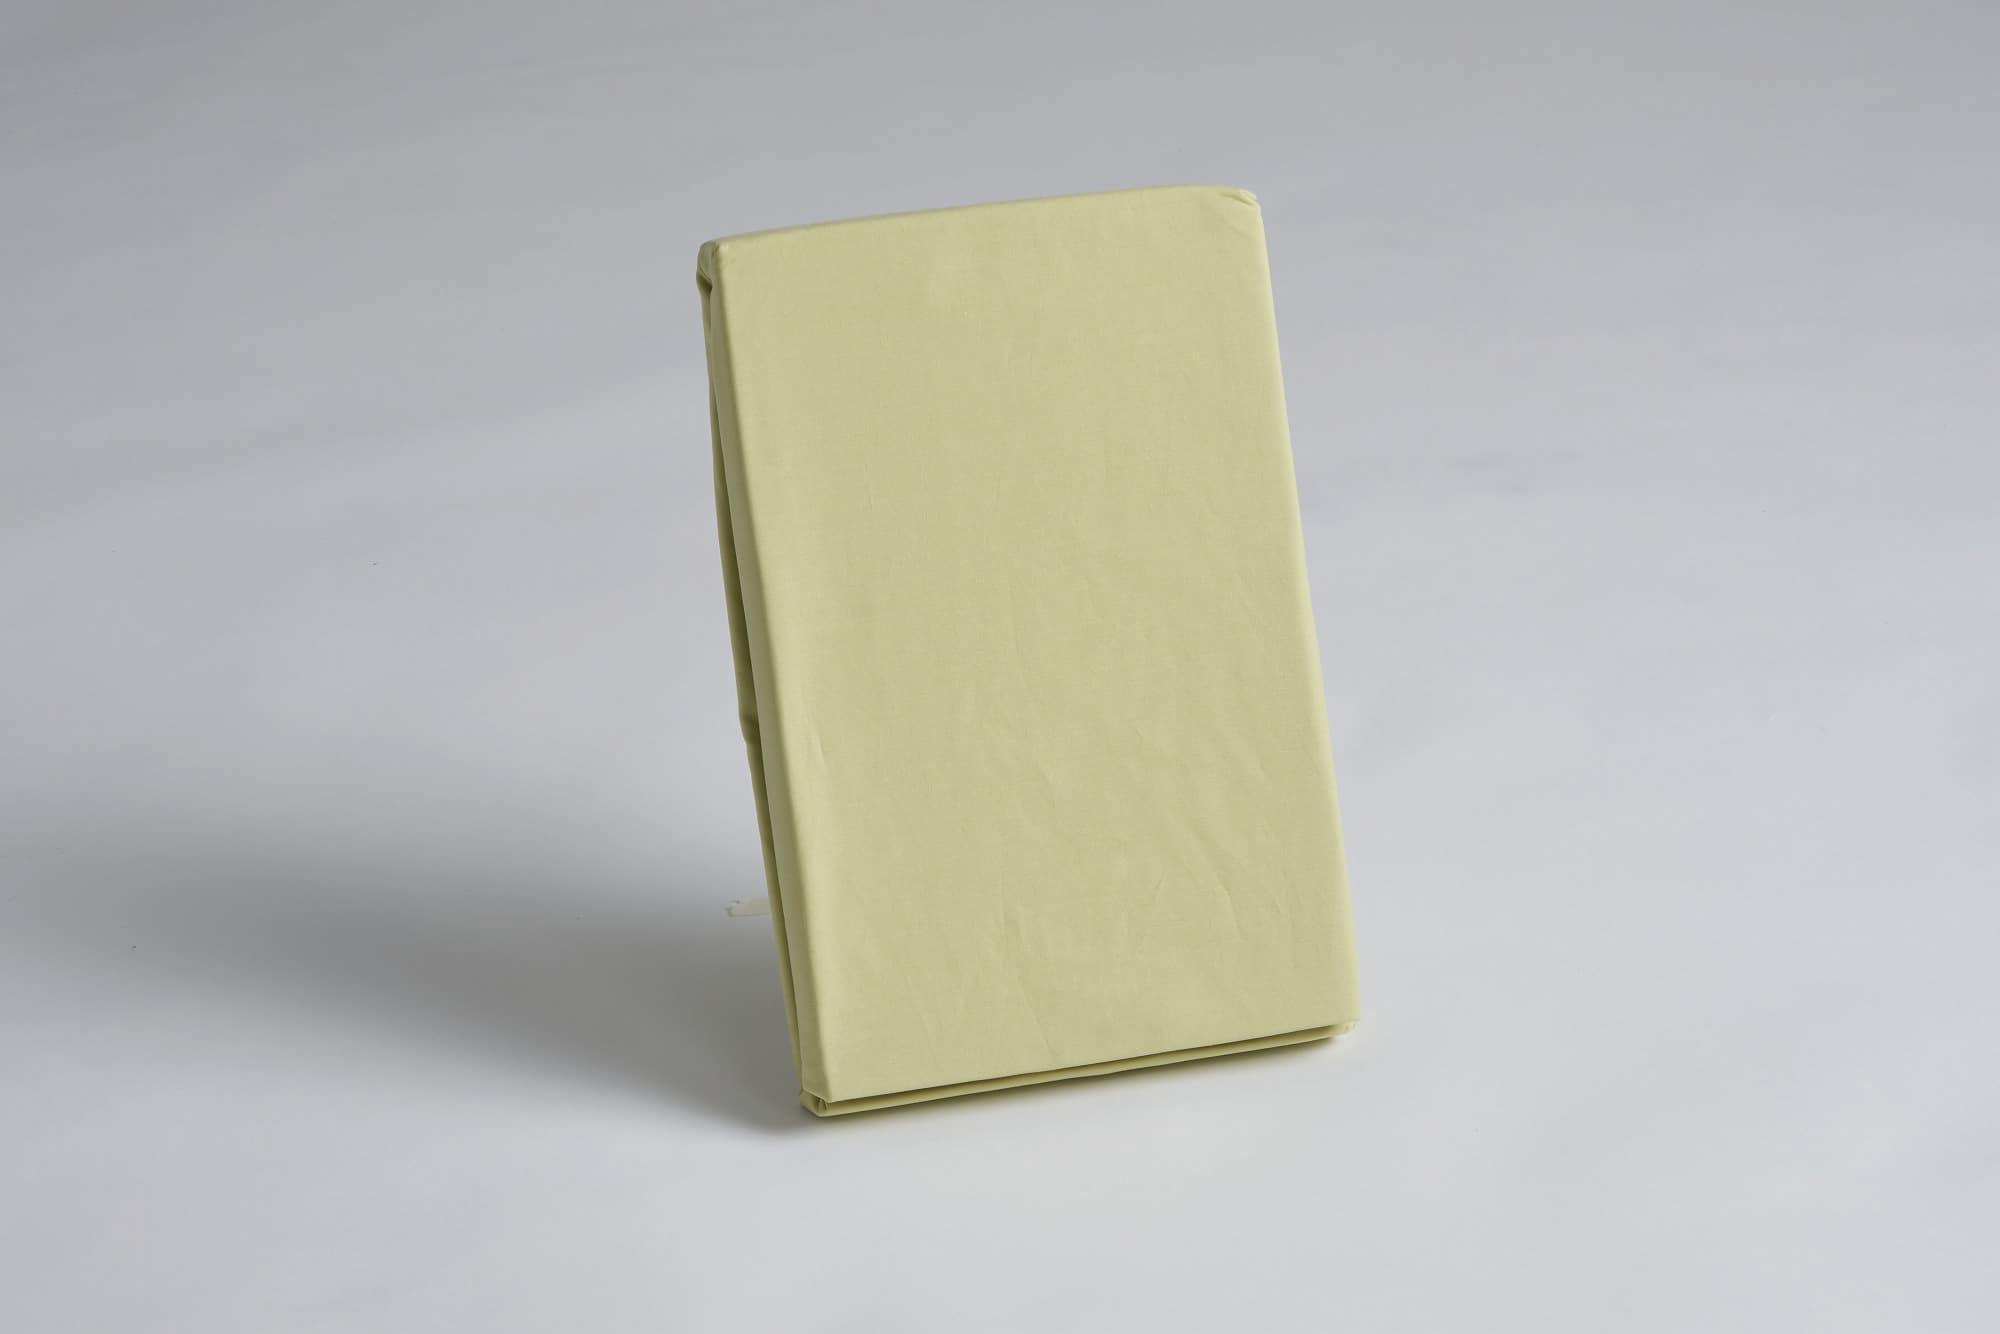 ボックスシーツ キング1用 45H グリーン:《綿100%を使用したボックスシーツ》